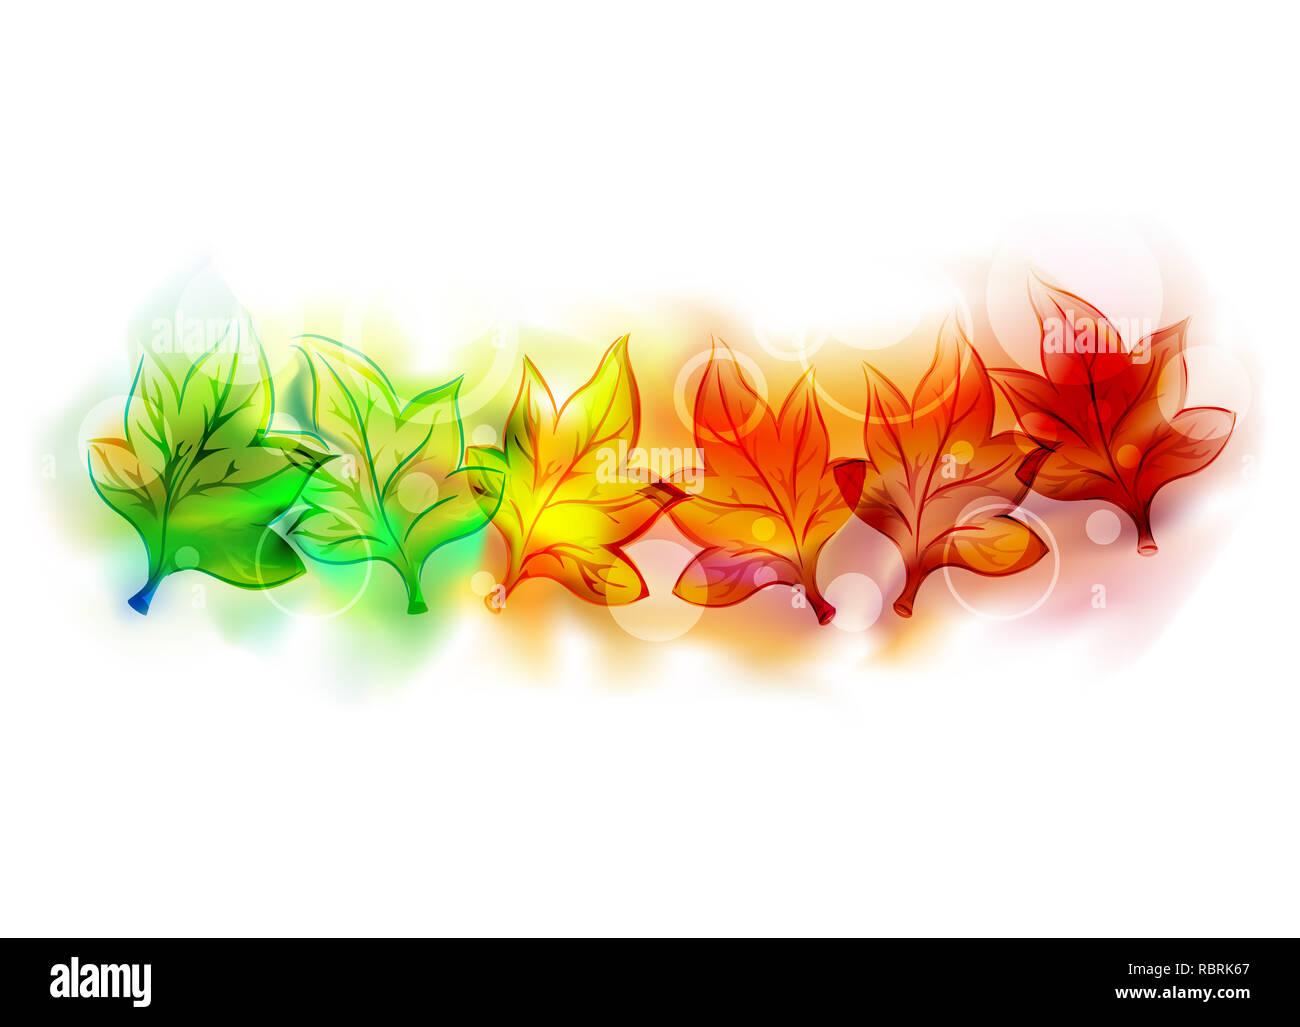 Illustrazione di foglie di autunno con colori variabili da verde a giallo ad arancione ed a rosso eps10 Immagini Stock